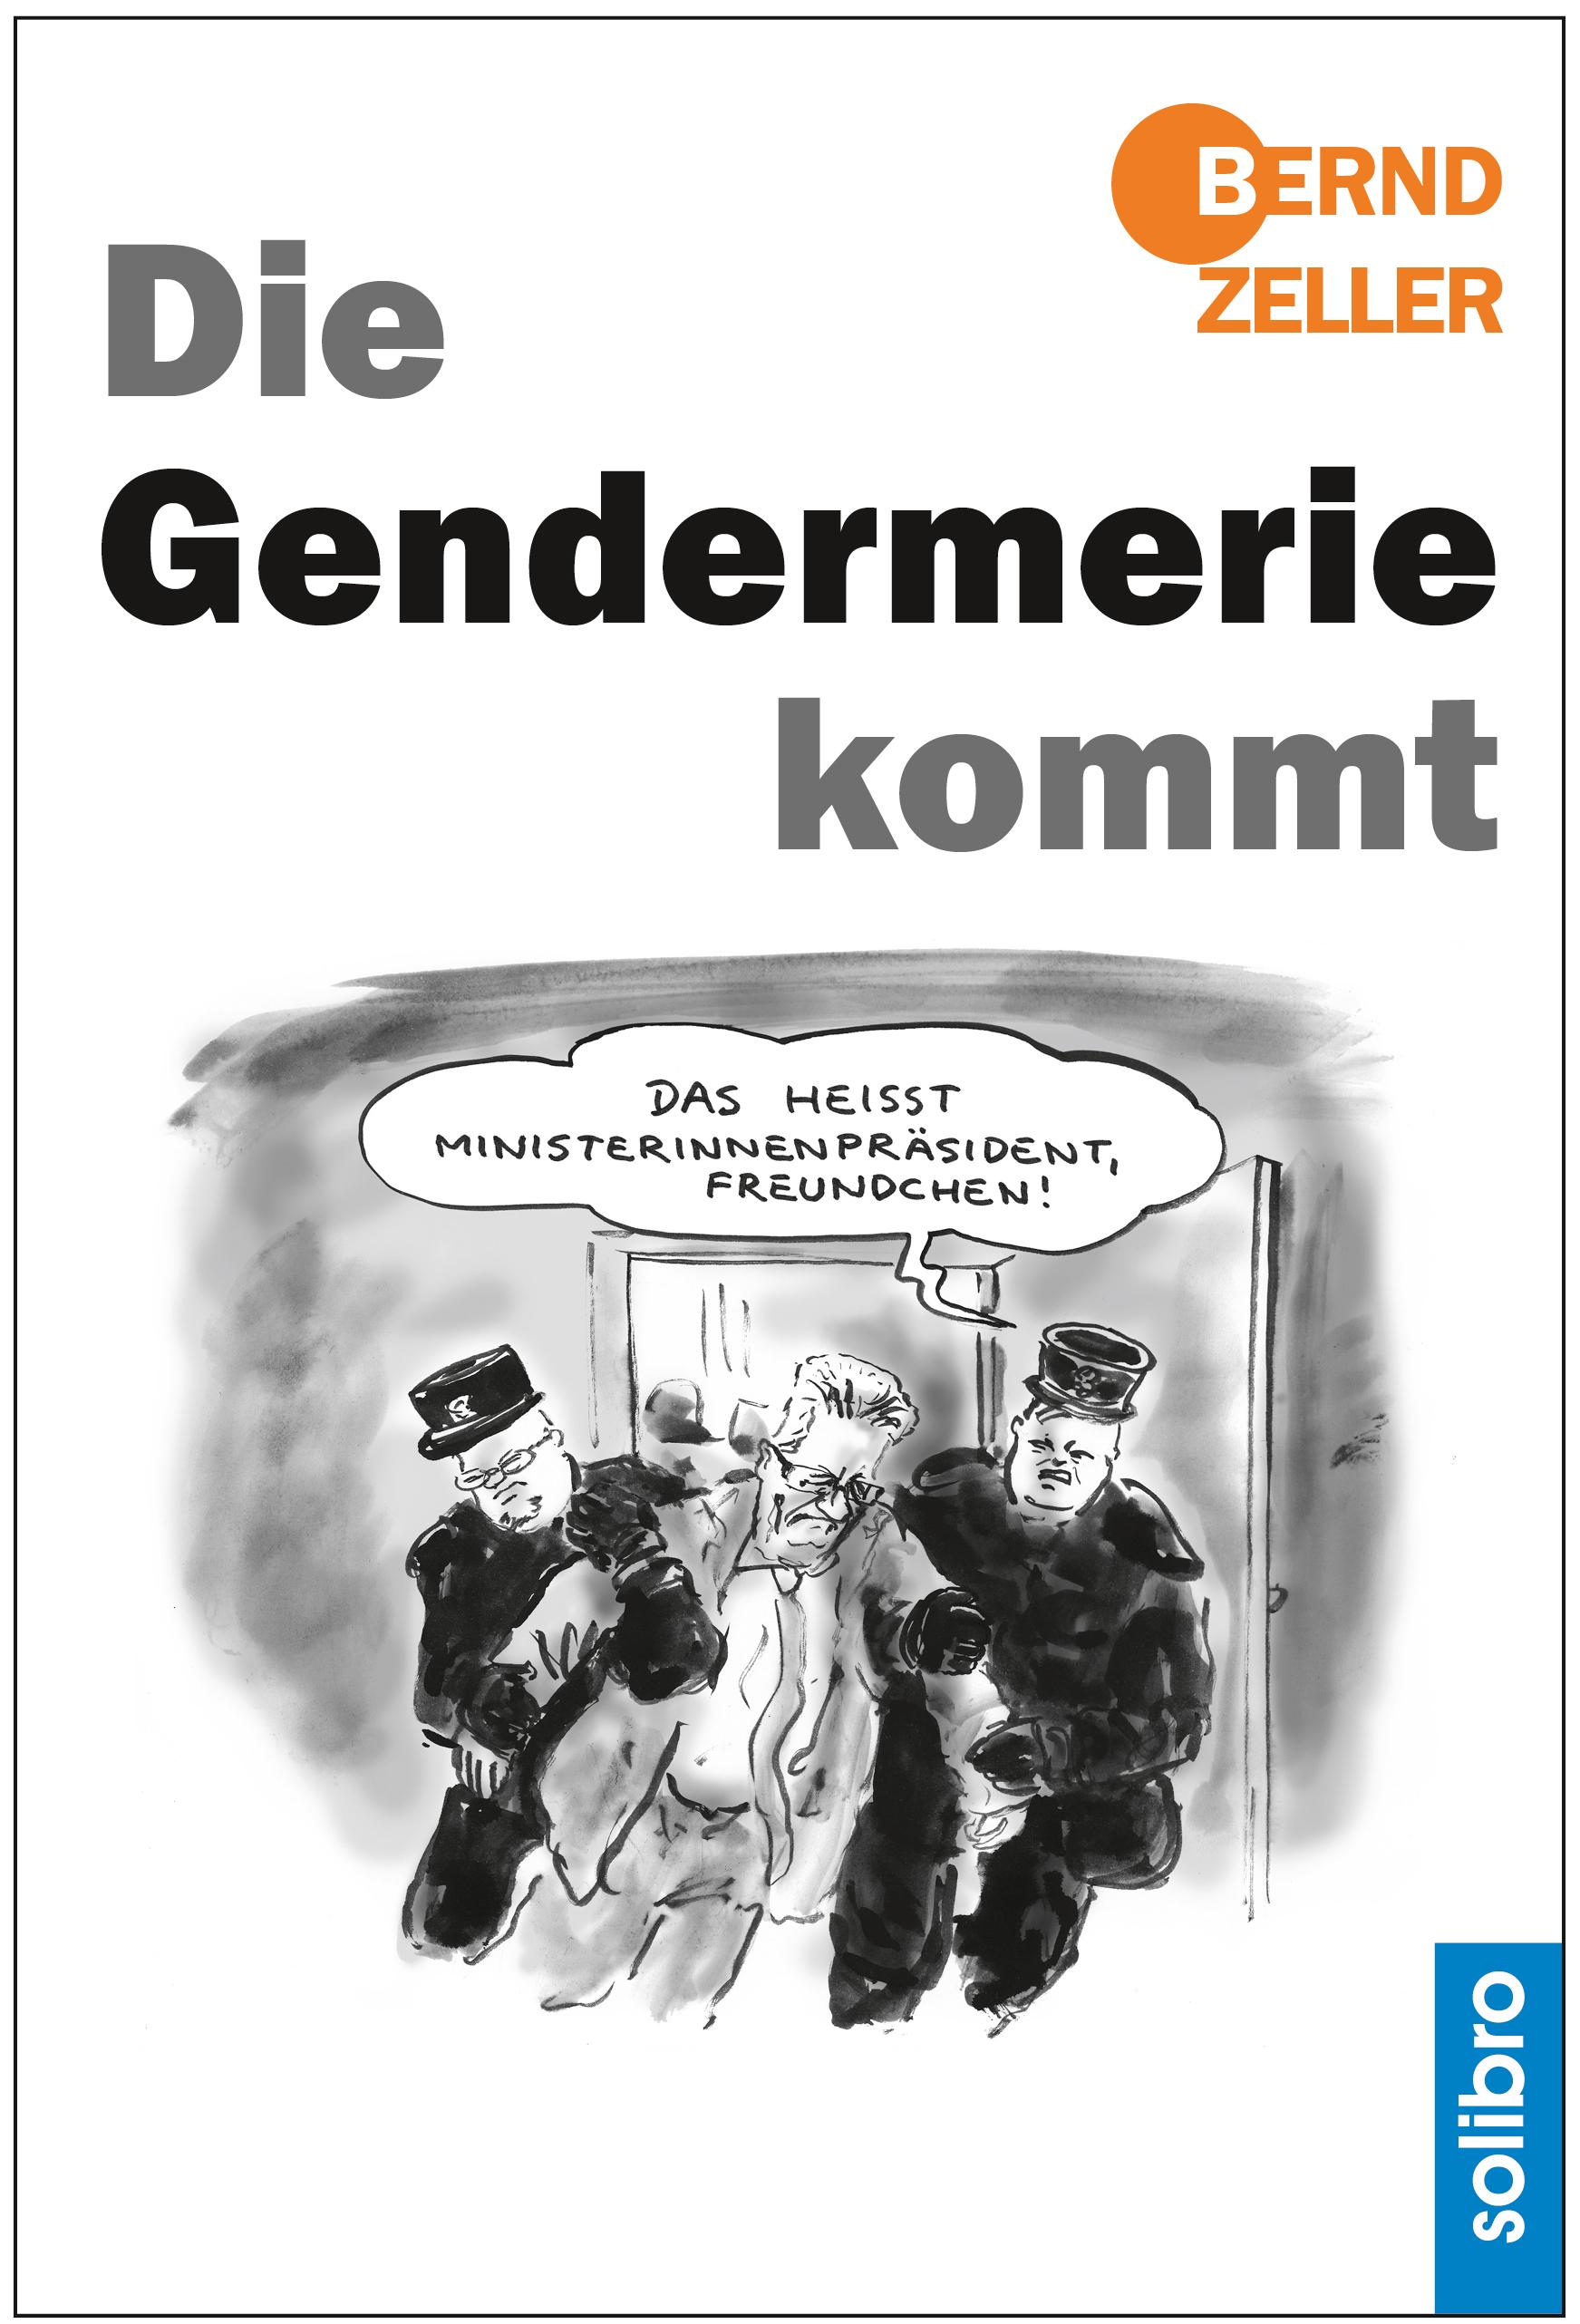 Die Gendermerie kommt Bernd Zeller